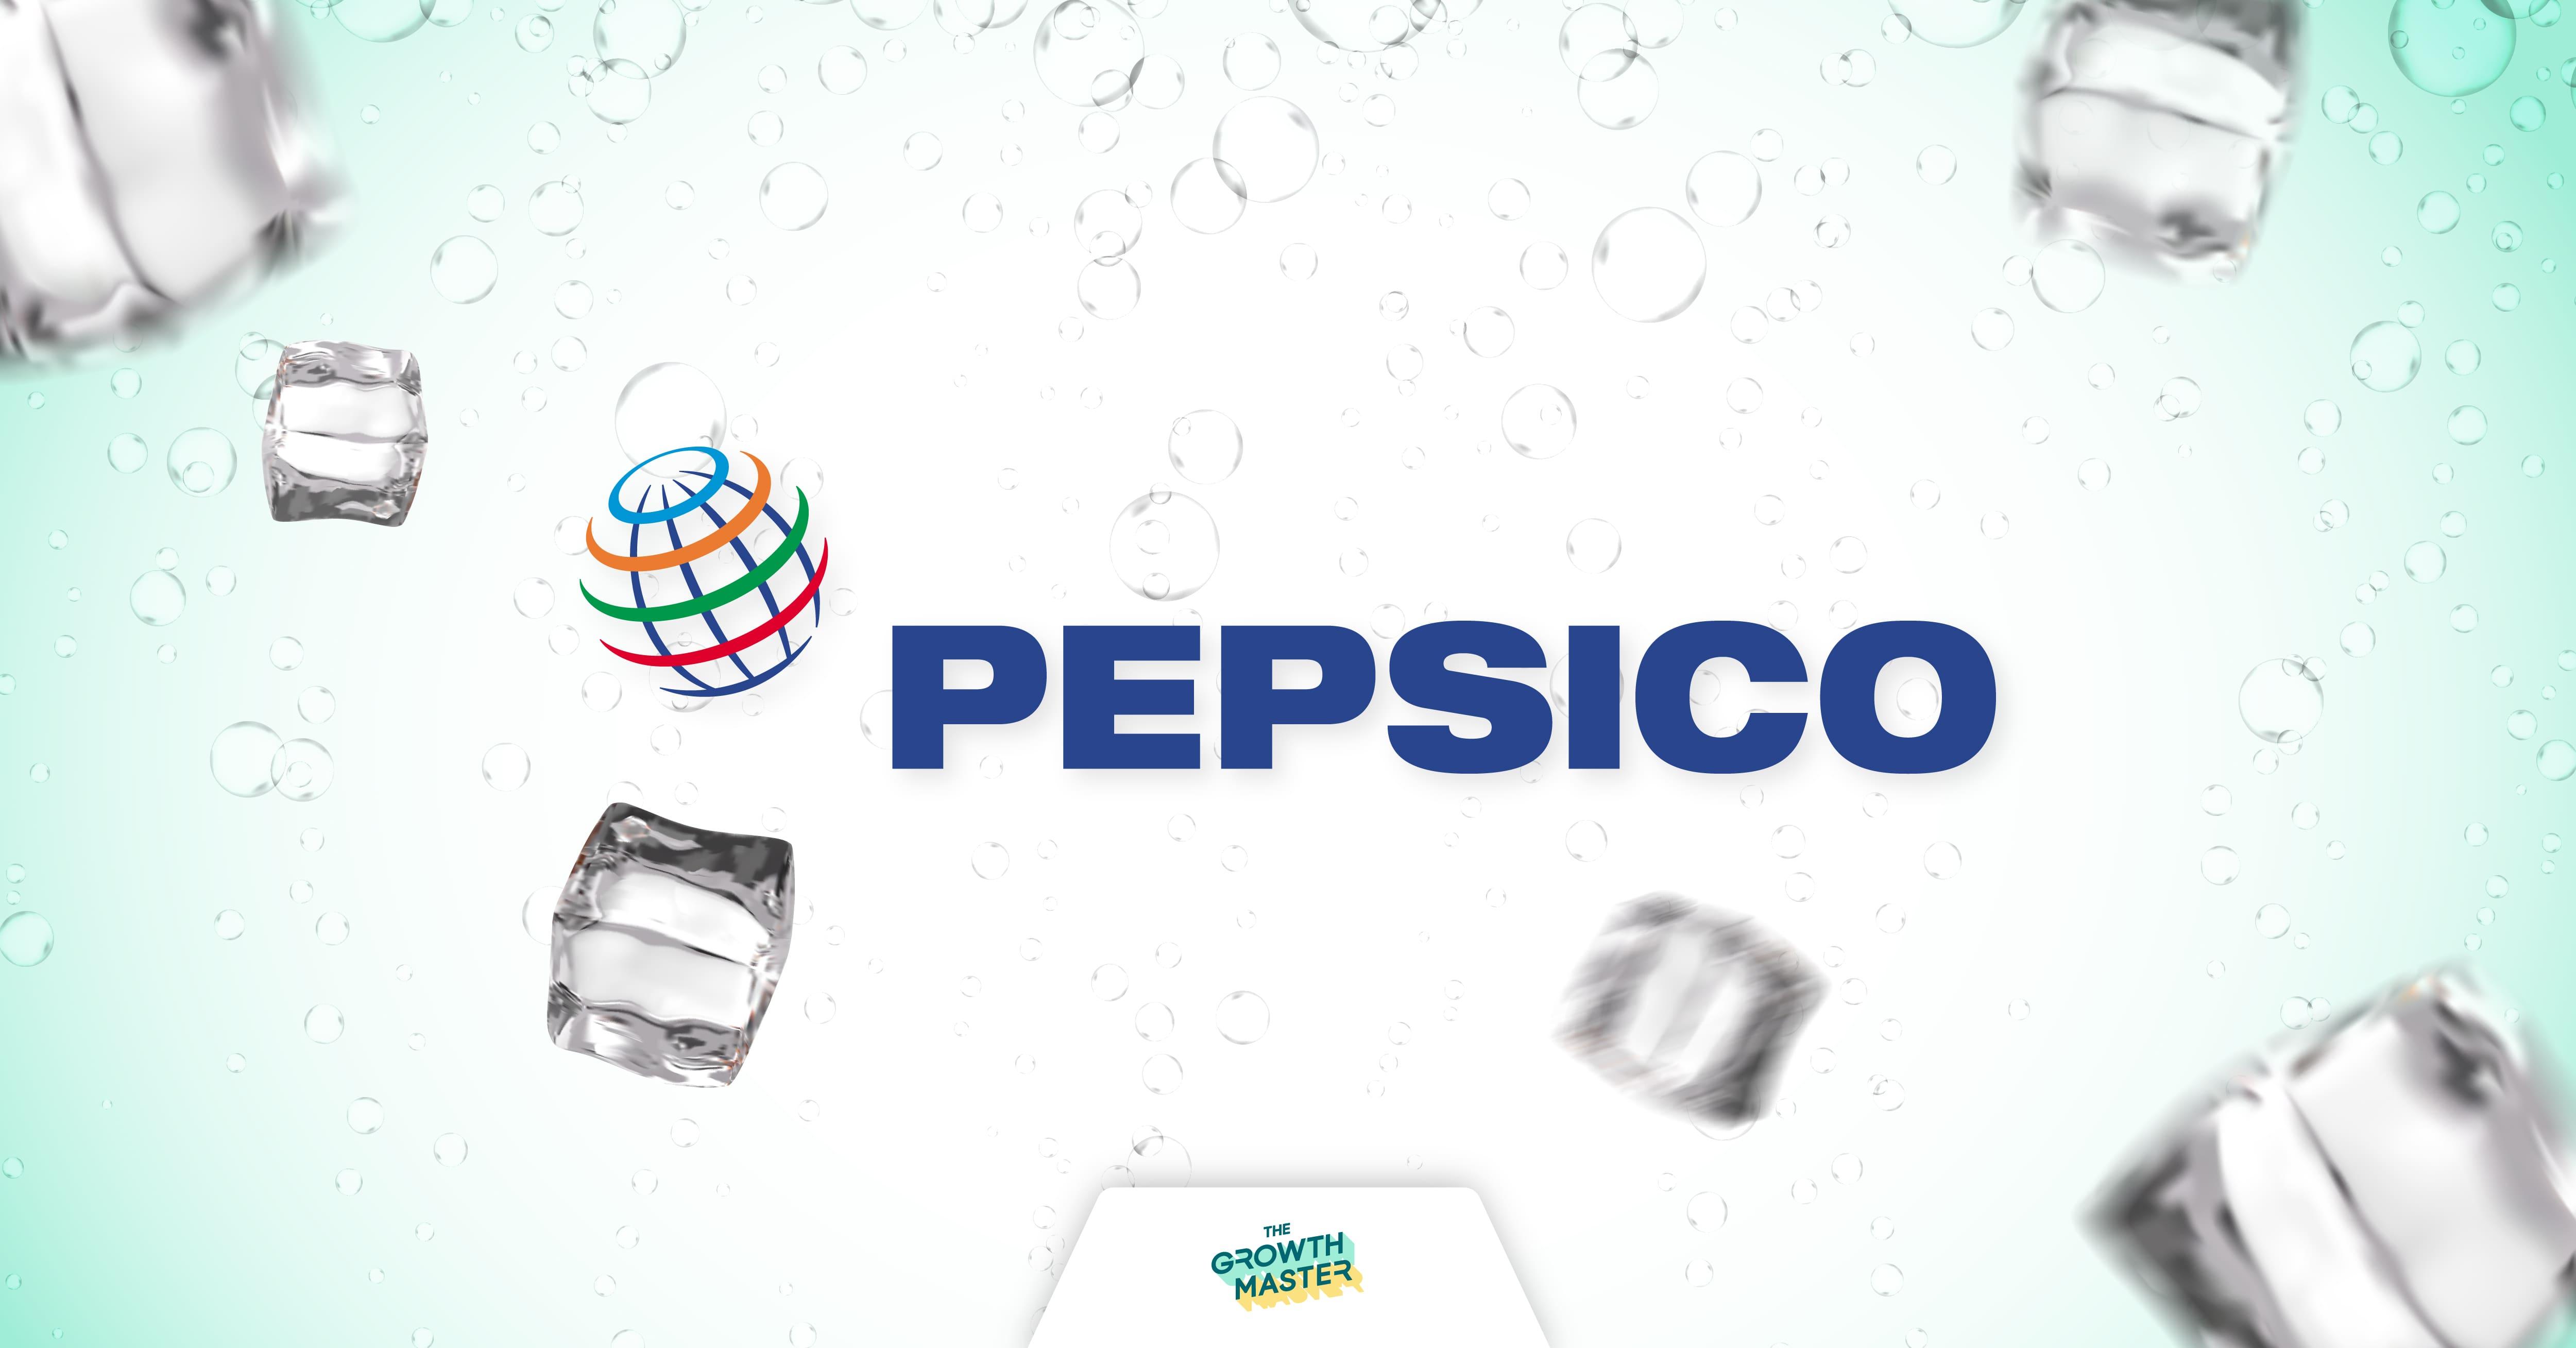 CASE STUDY : PepsiCo กับกลยุทธ์ความซ่าทางการตลาดที่ไม่เจือจางไปจากใจลูกค้า